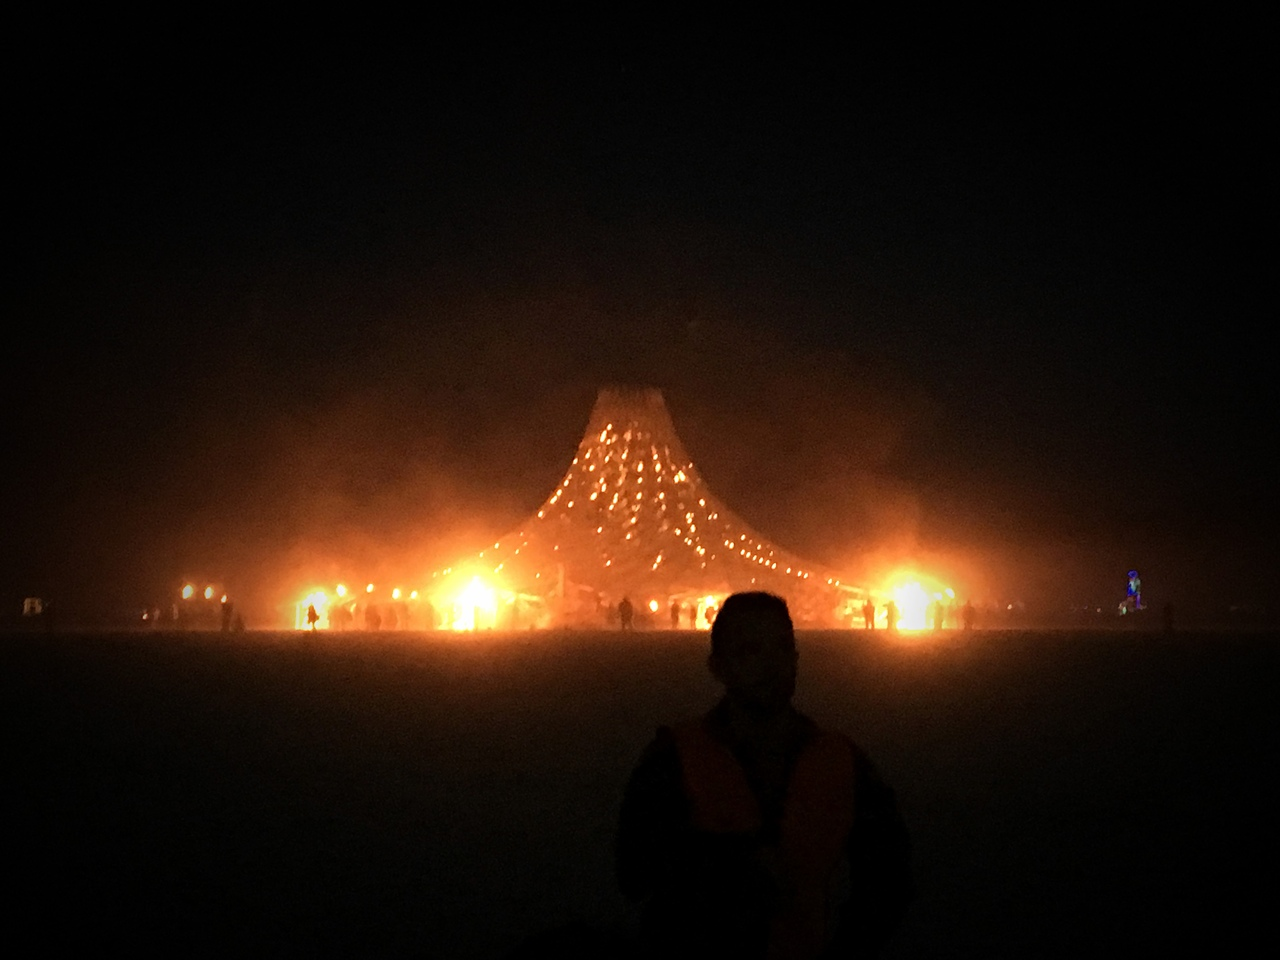 сжигание храма